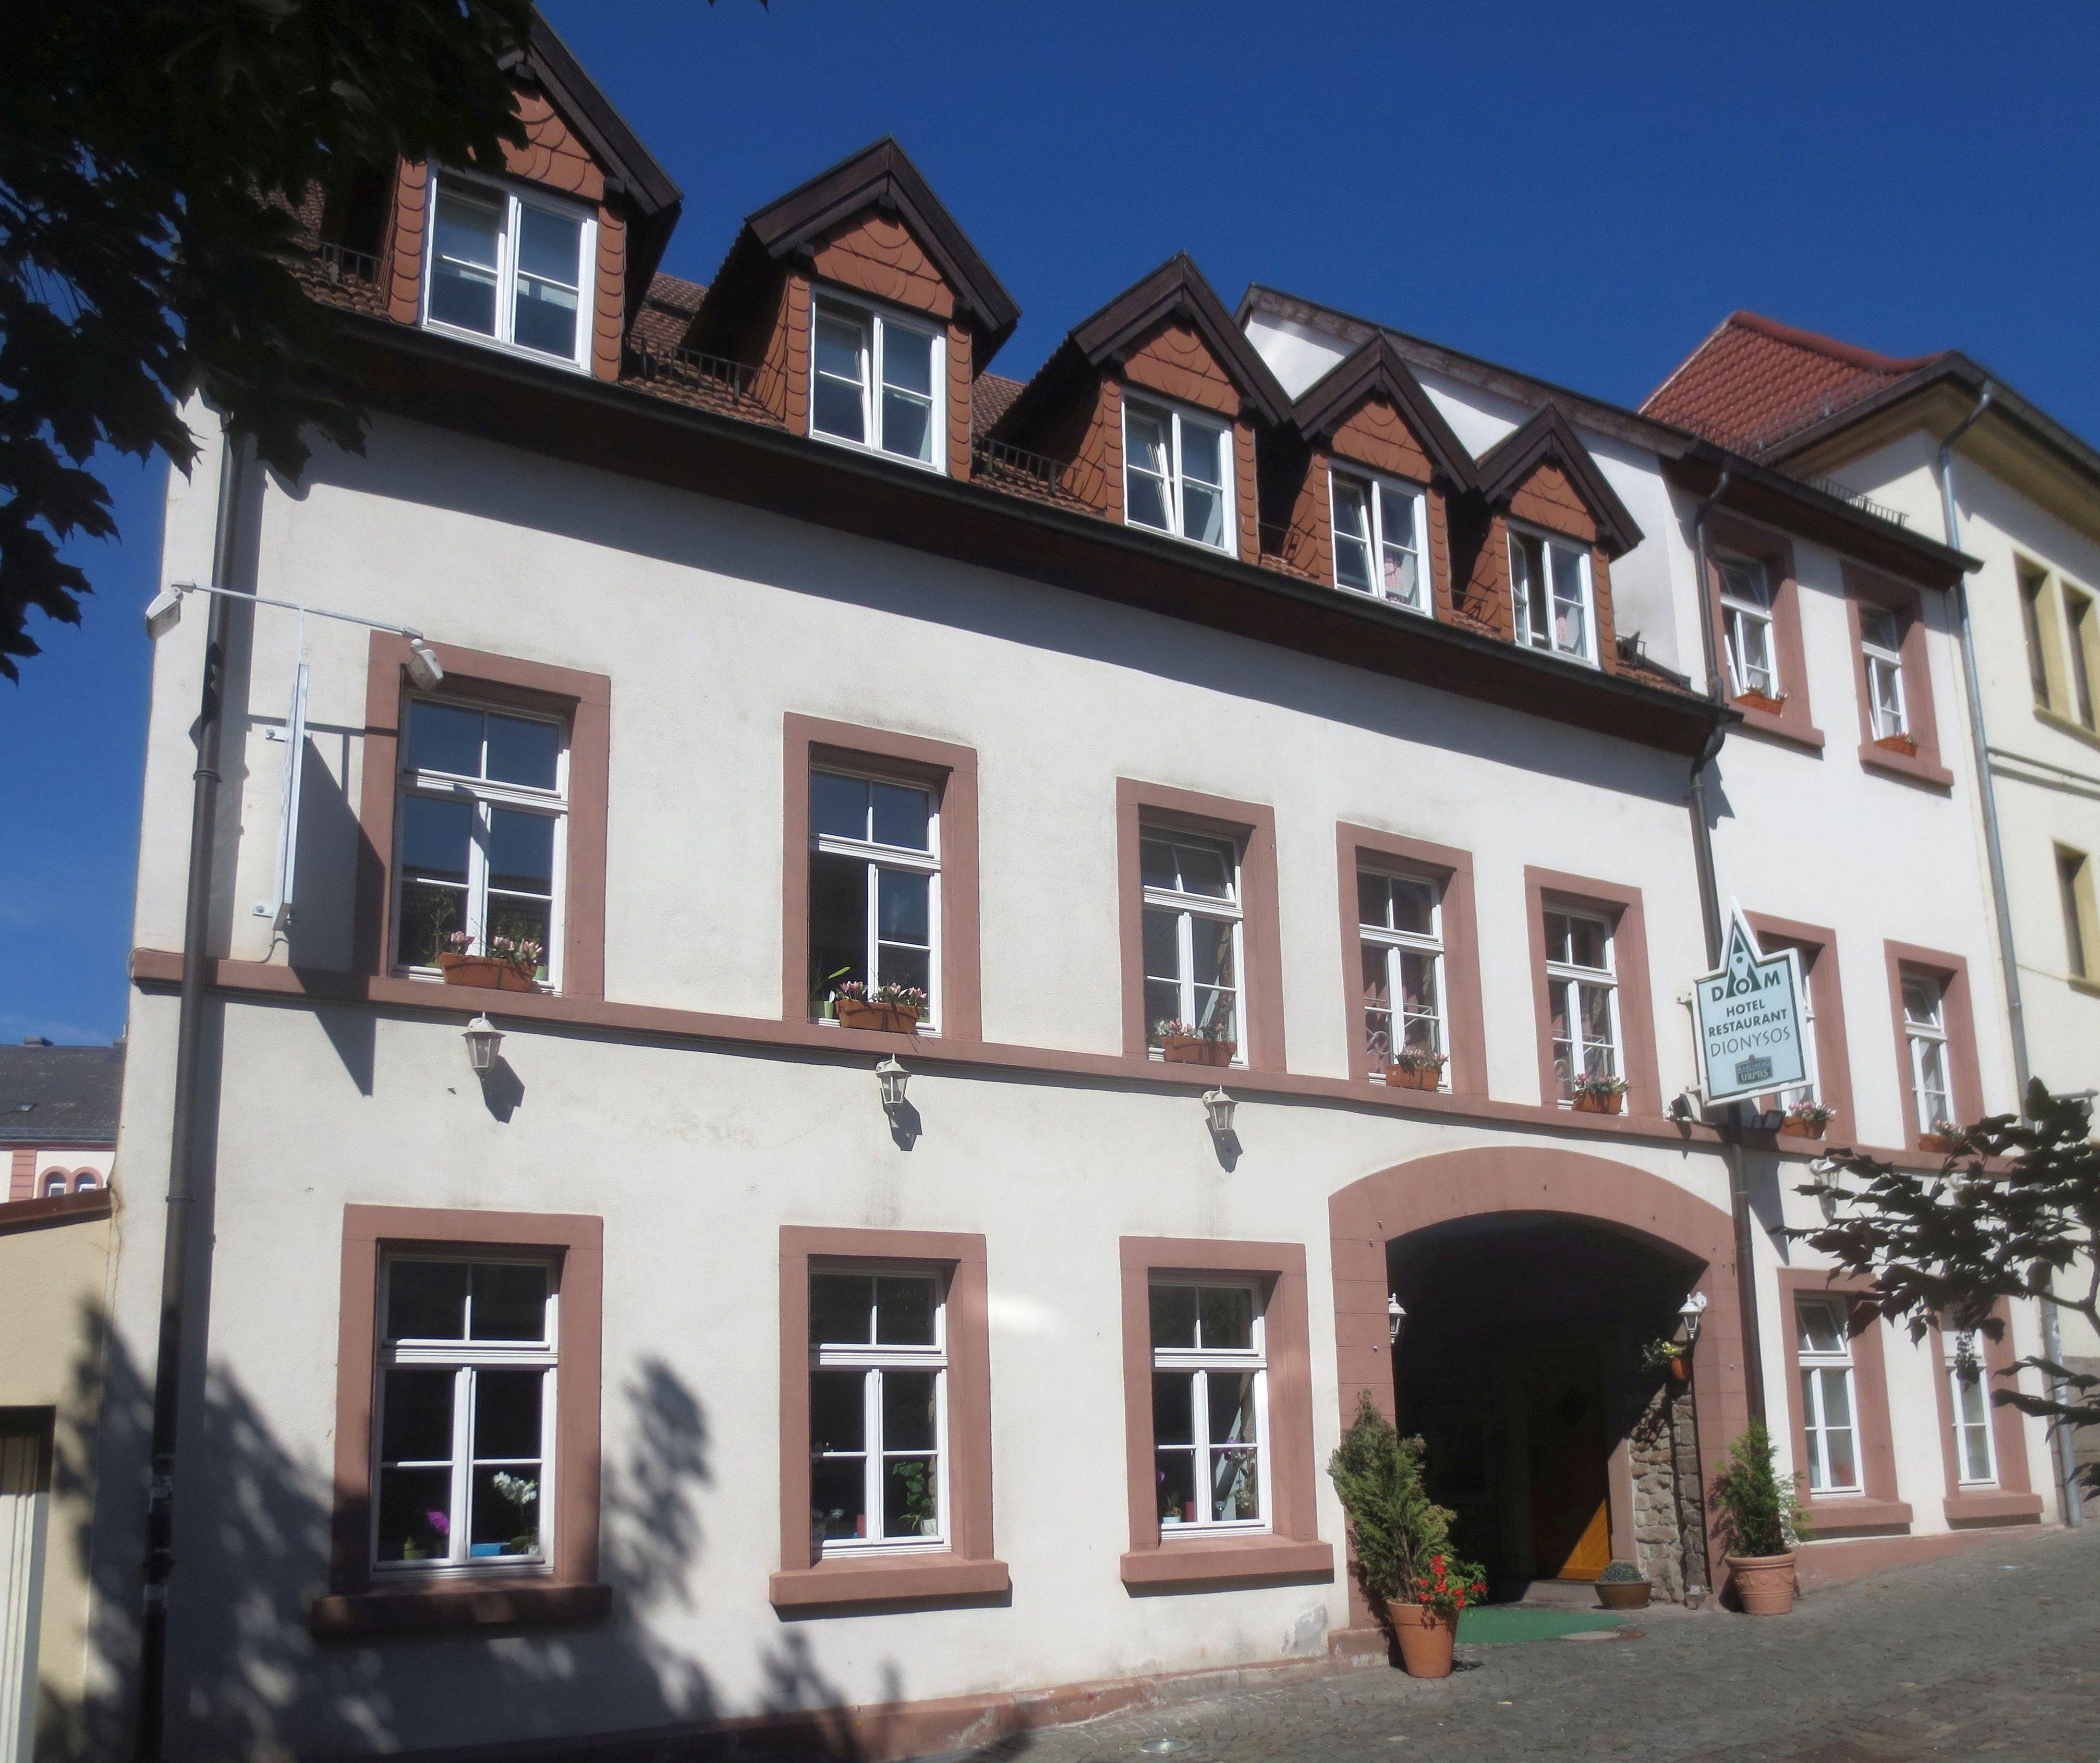 Dom Hotel Sankt Wendelaida De